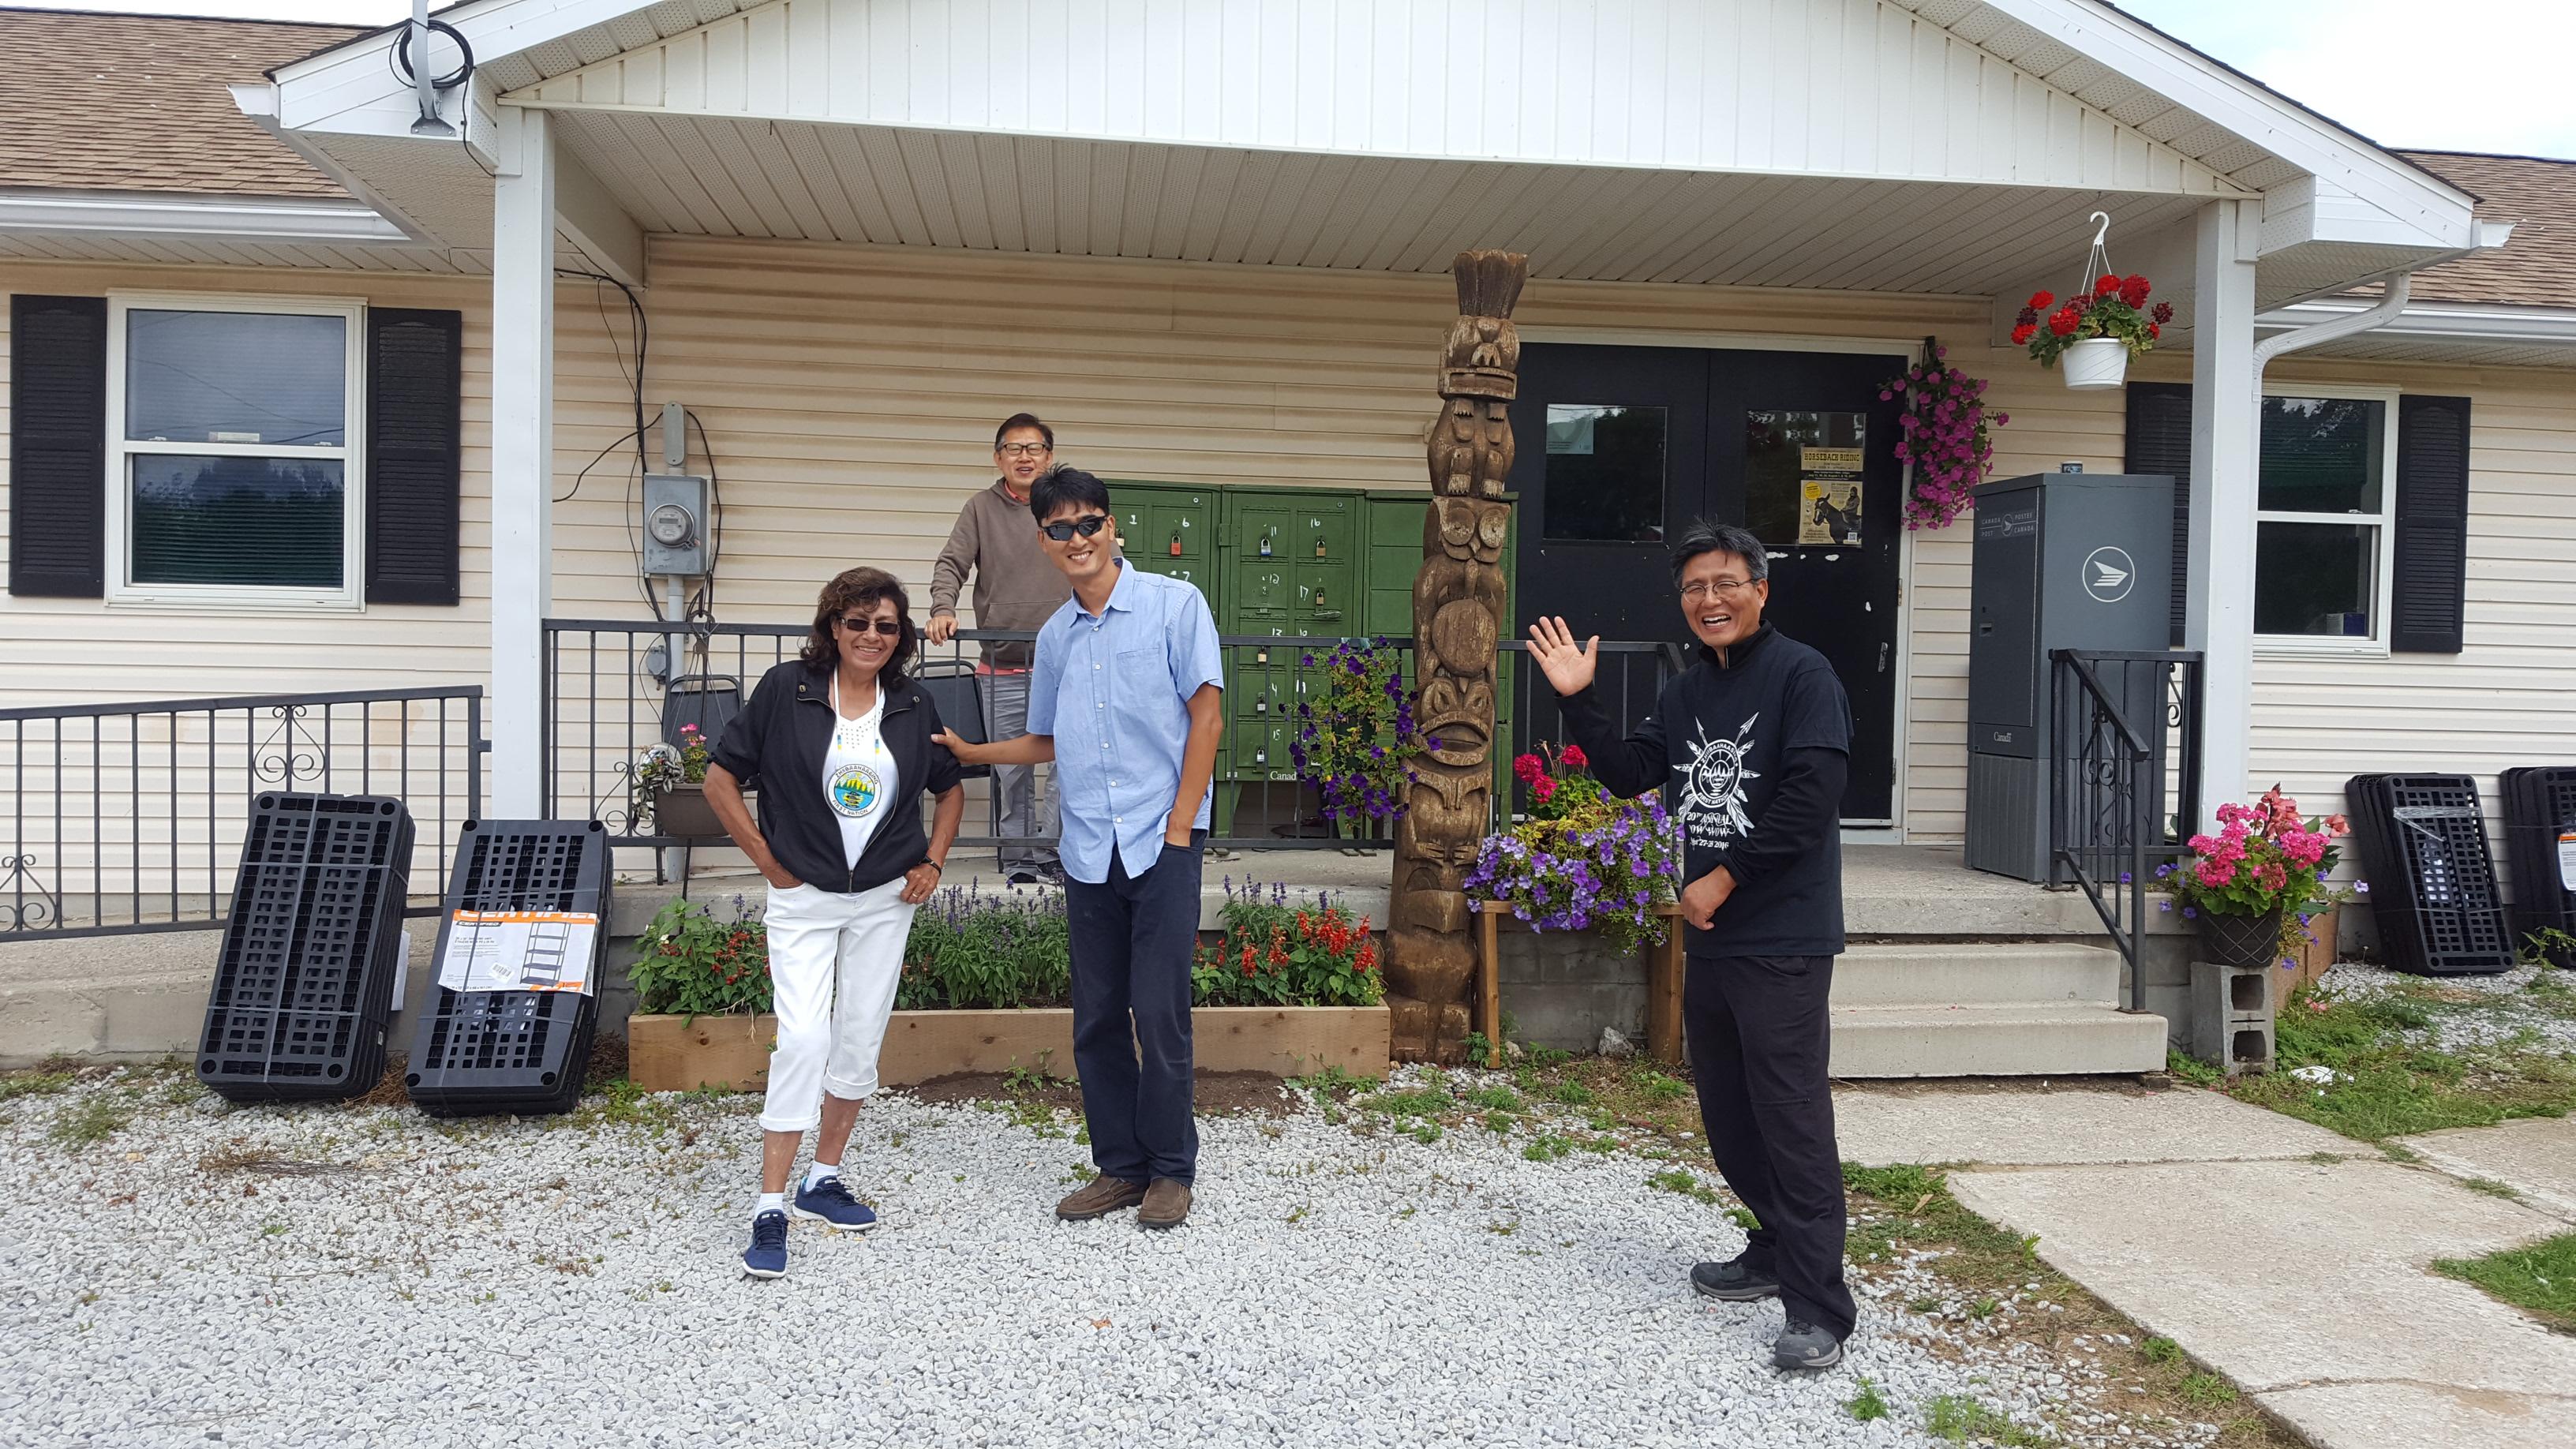 캐나다 원주민 선교 사가목에 김근주 선교사입니다.